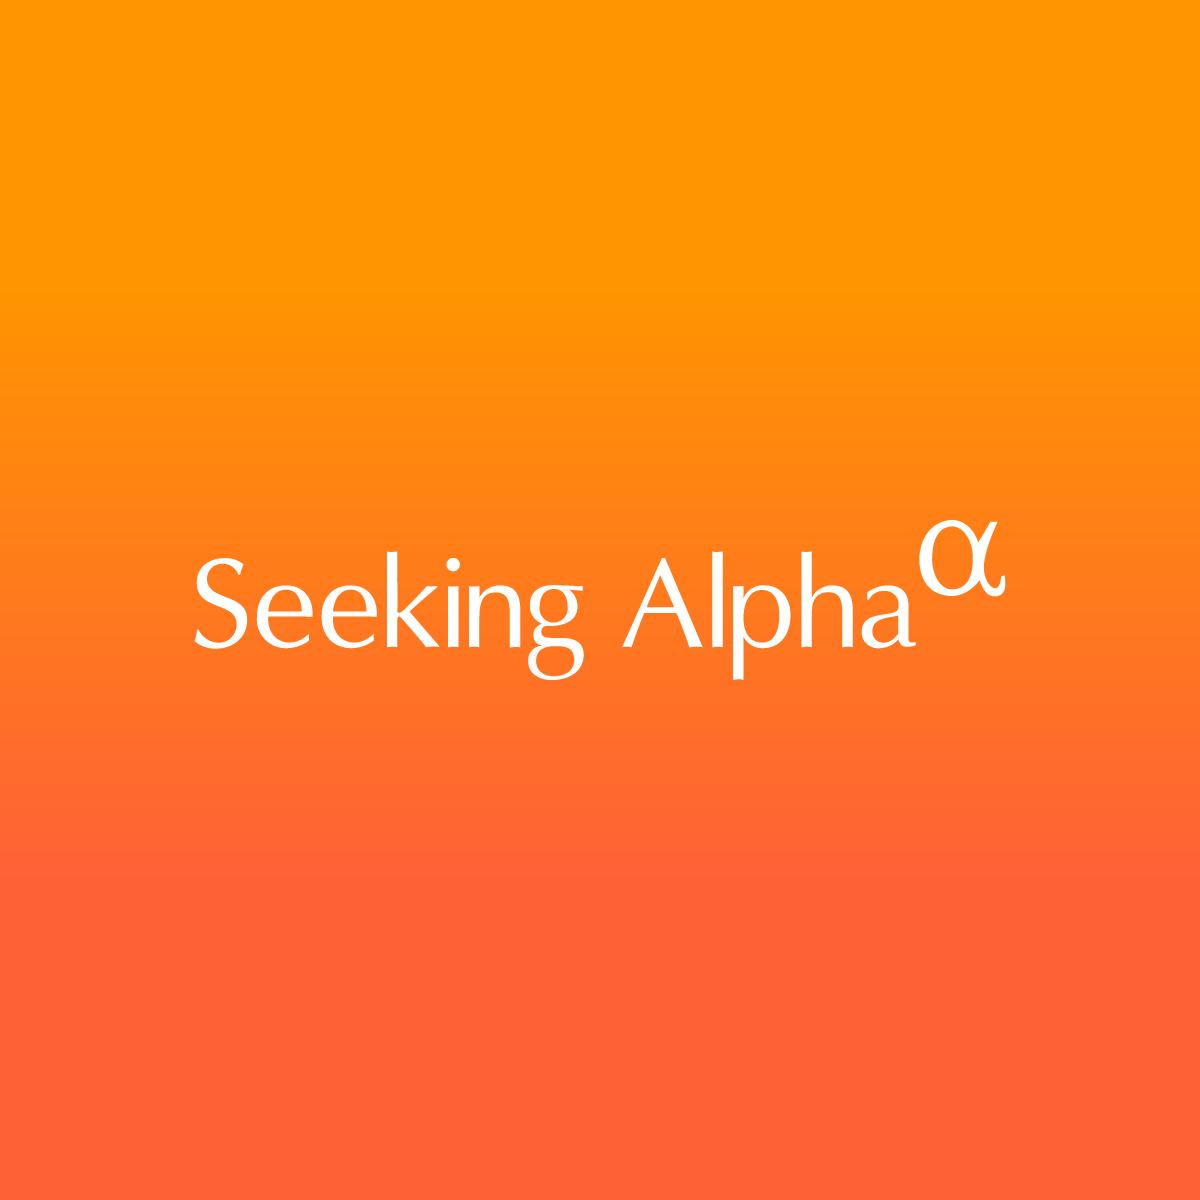 Axalta Coating Systems EPS beats by $0.02, beats on revenue